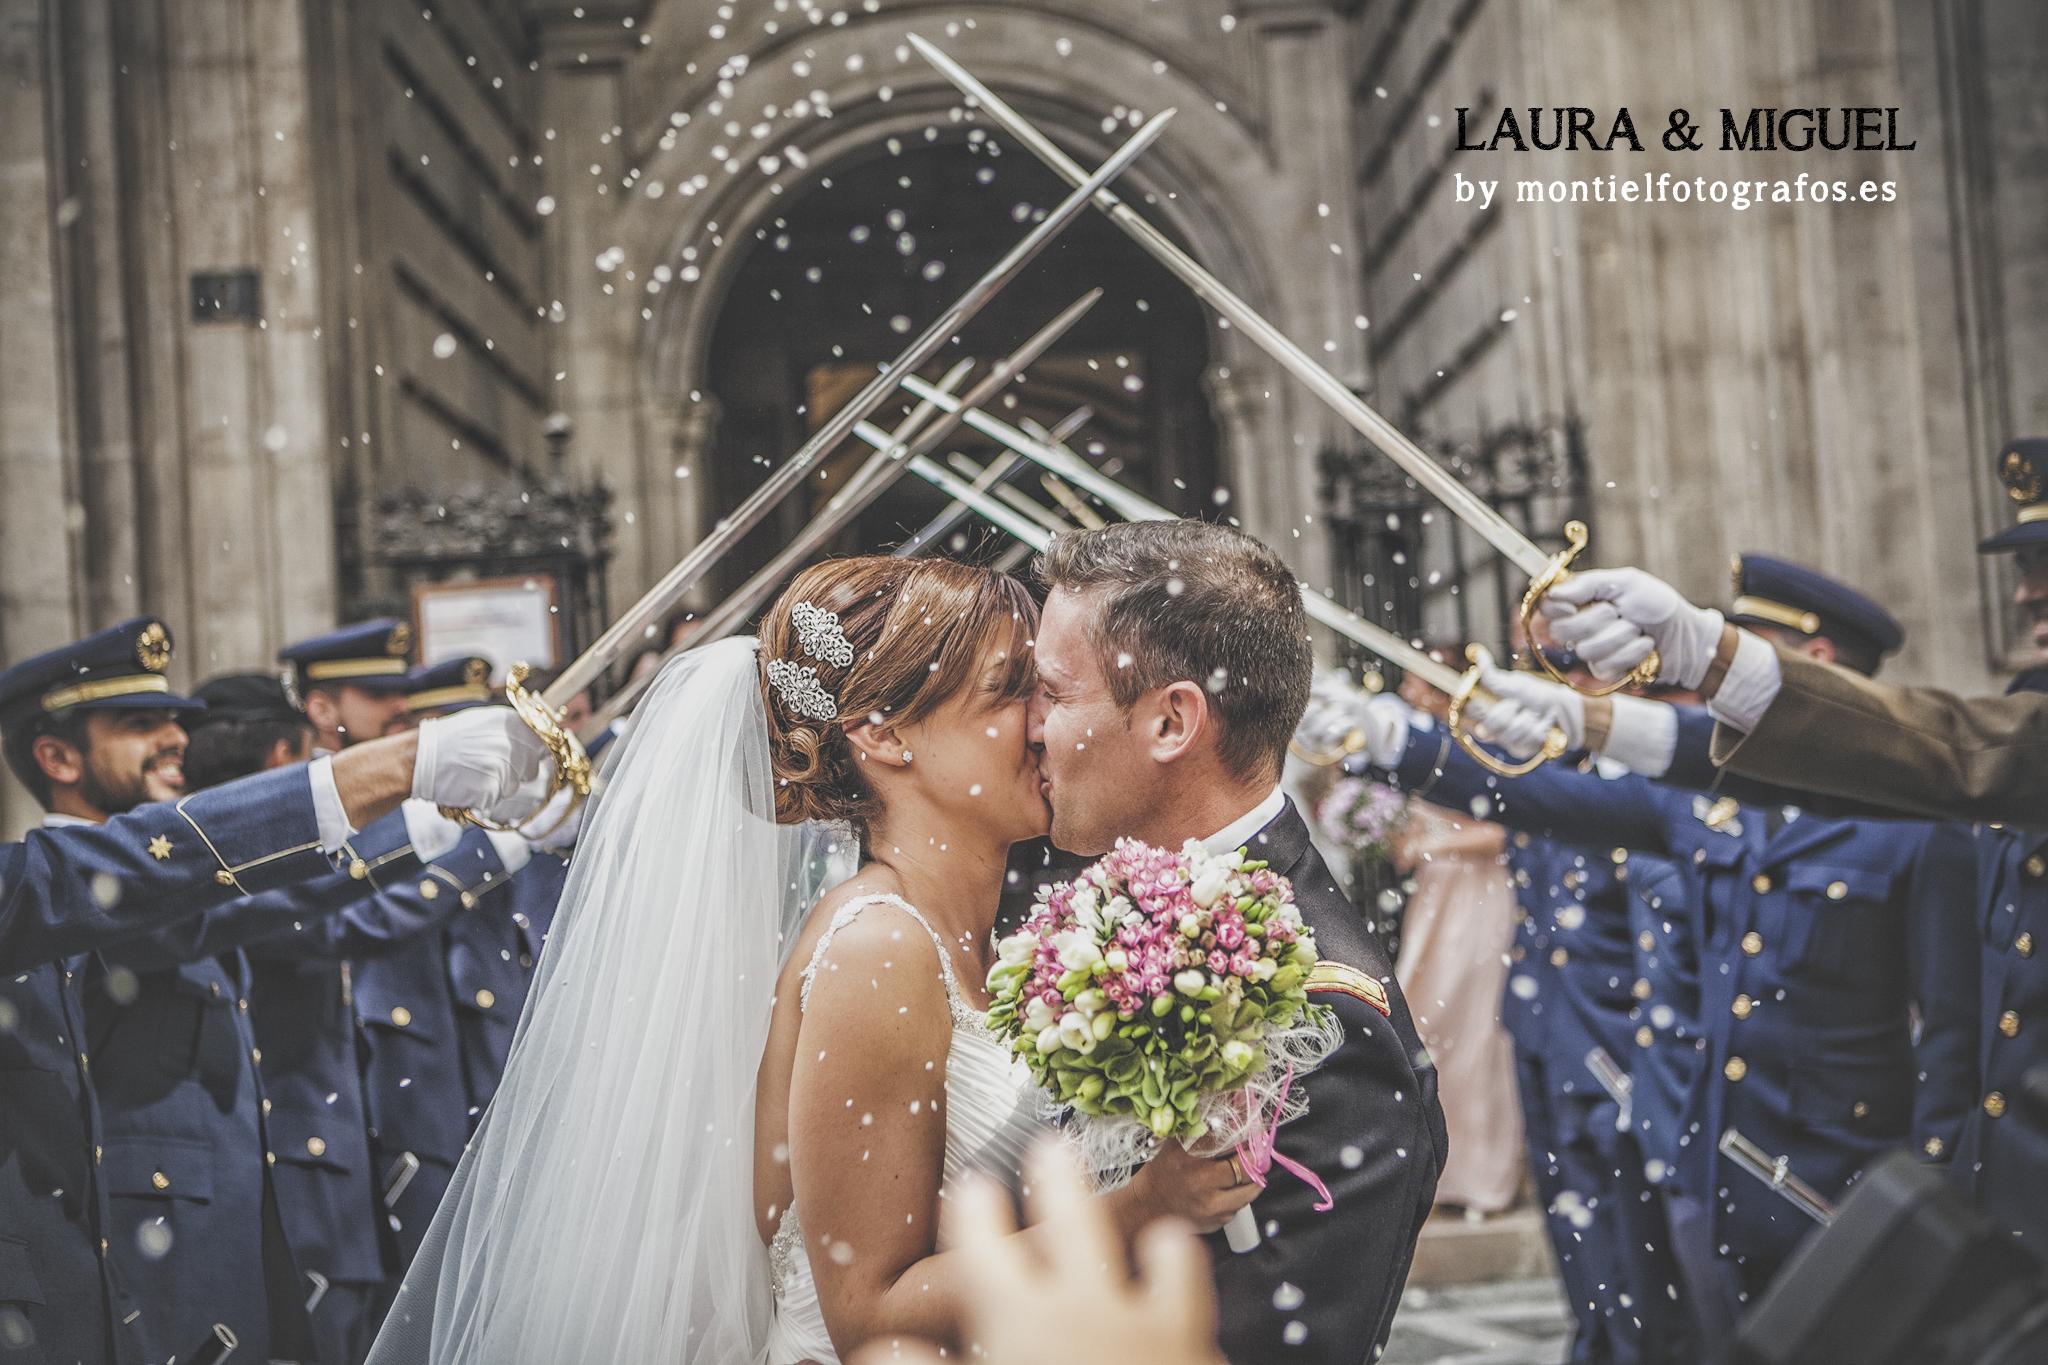 fotografias y videos para bodas en malaga, fotografos en malaga ...